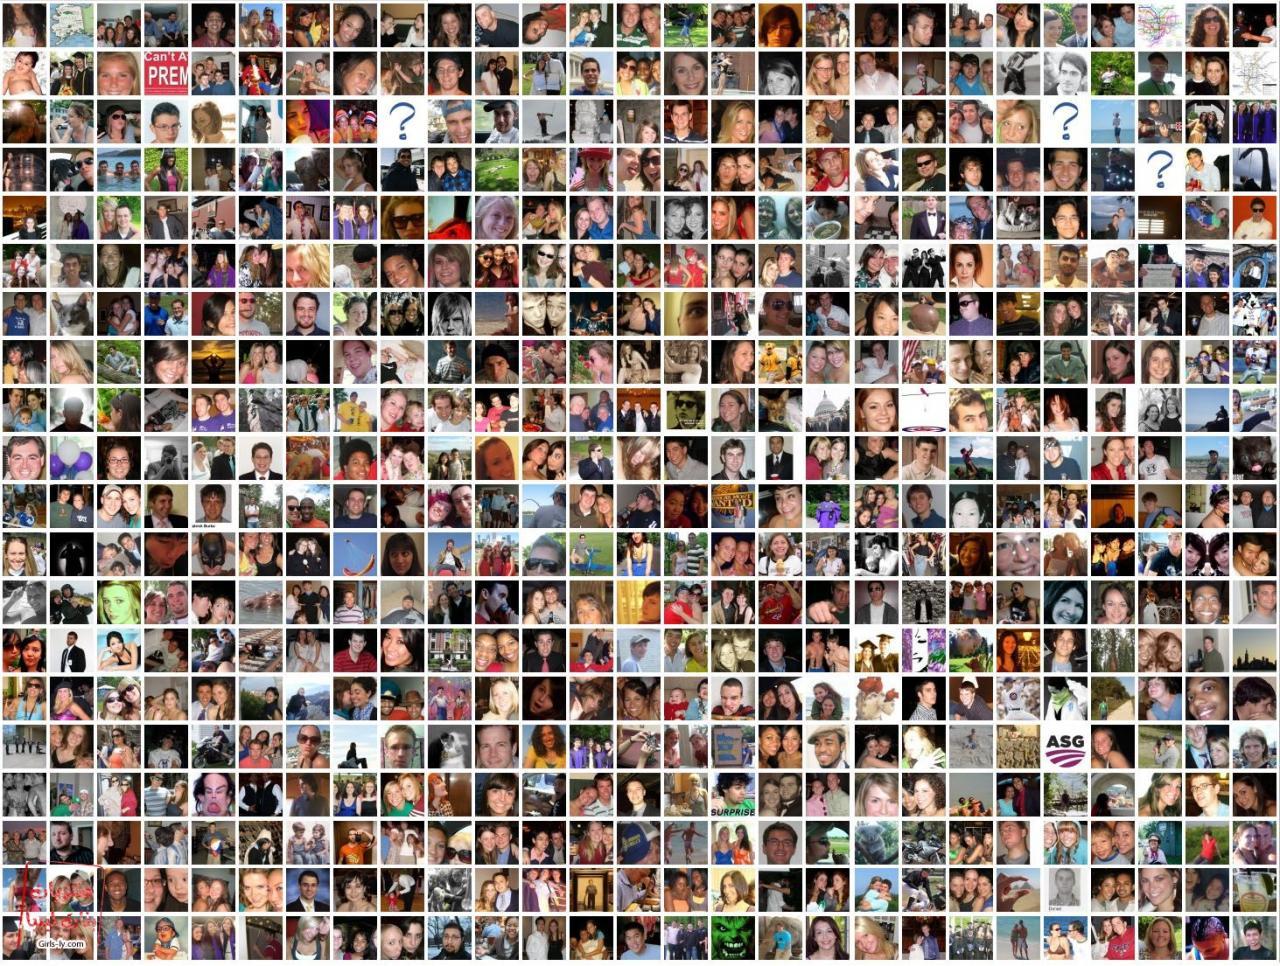 صوره اجمل اسماء الفيس بوك بنات , اسماء مستعارة للفيس بوك